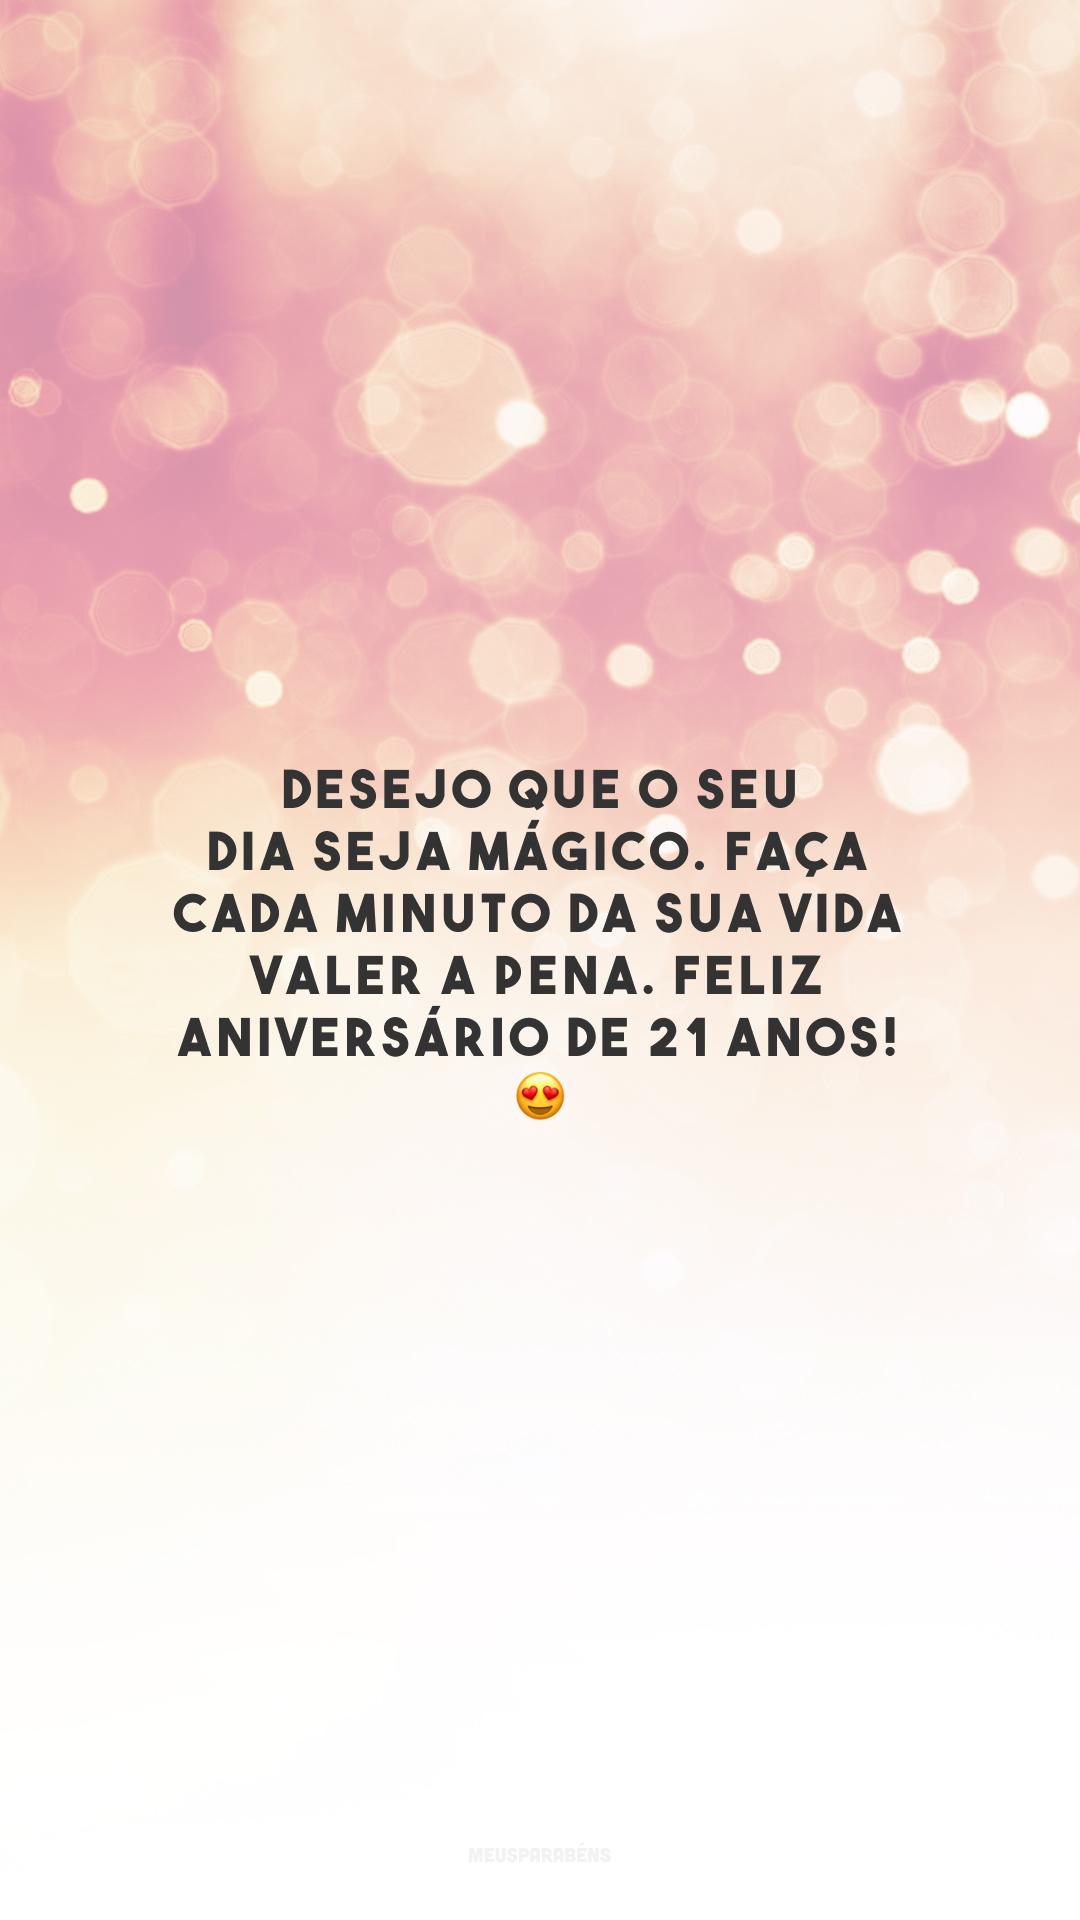 Desejo que o seu dia seja mágico. Faça cada minuto da sua vida valer a pena. Feliz aniversário de 21 anos! 😍